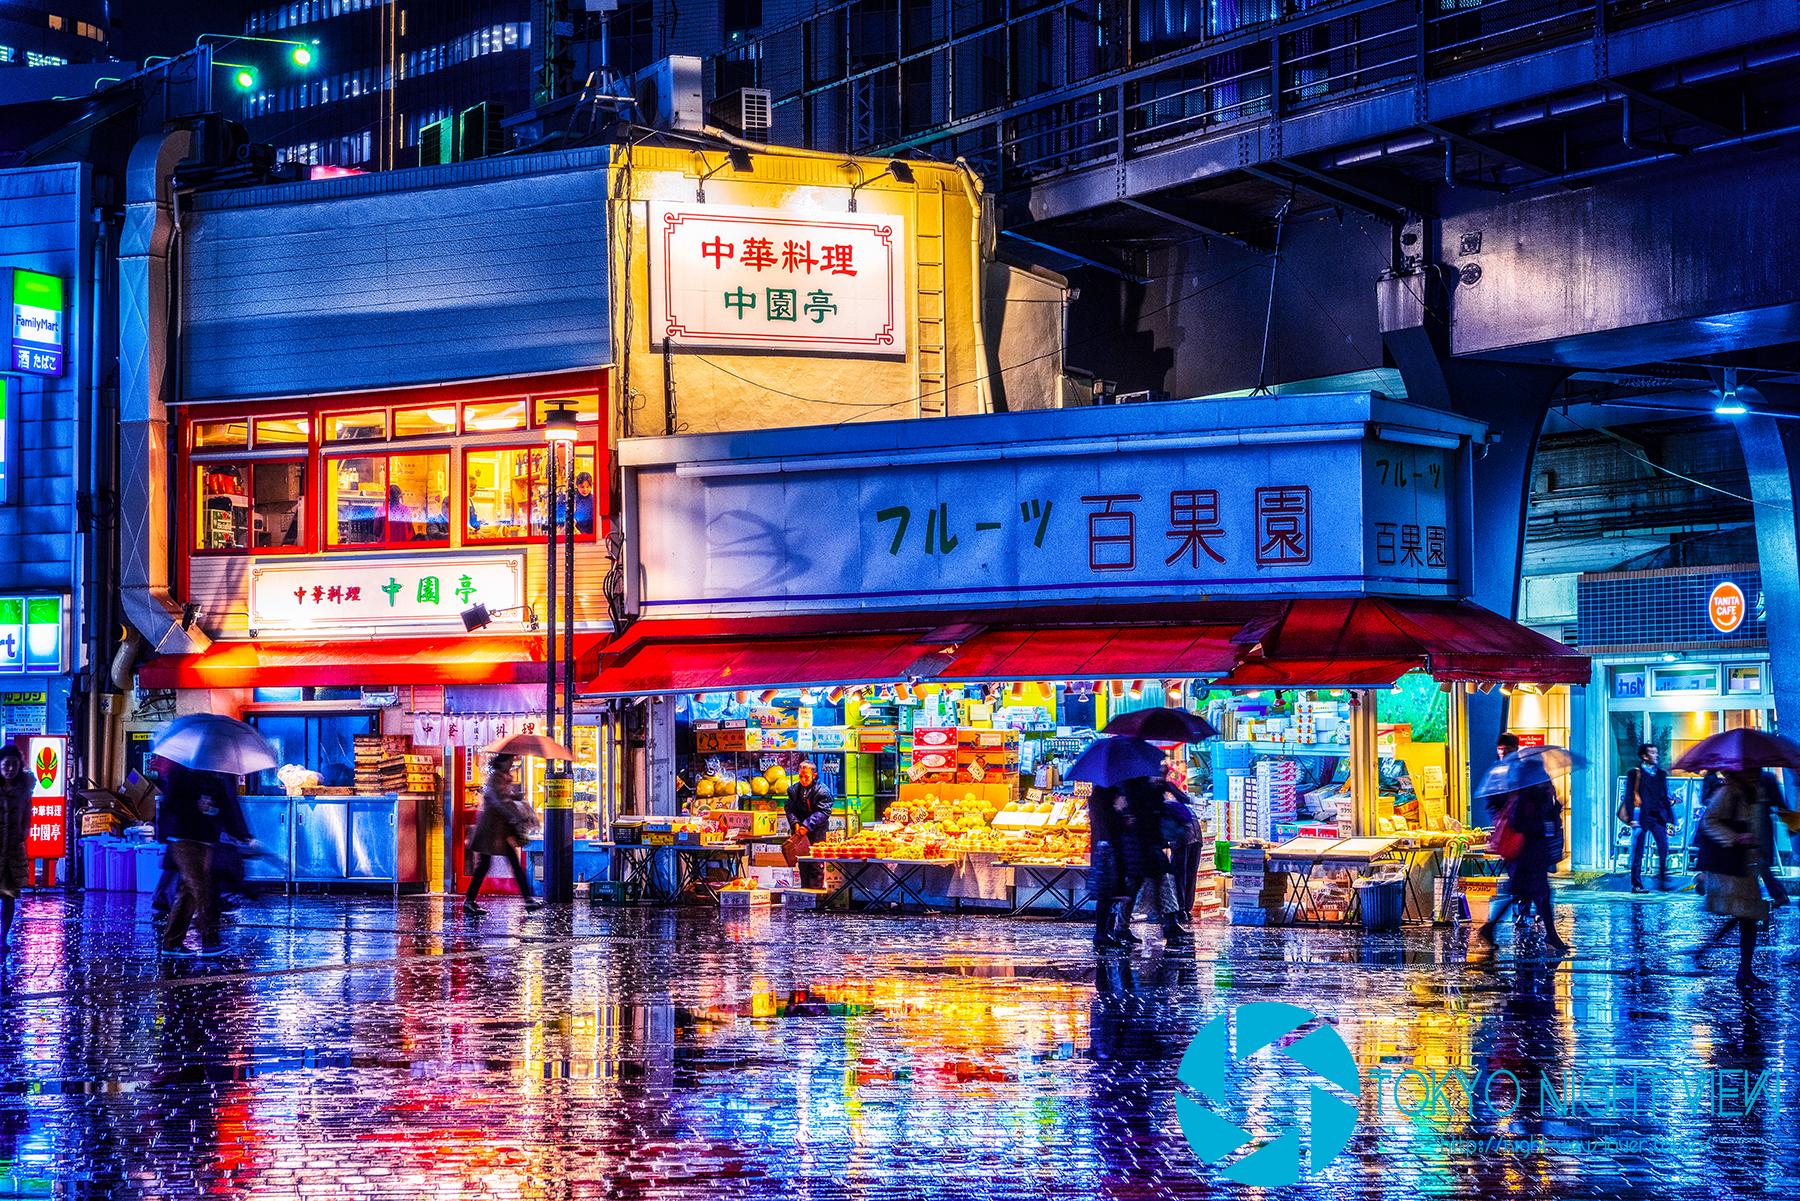 雨日-Rainy Day Tokyo Ginza